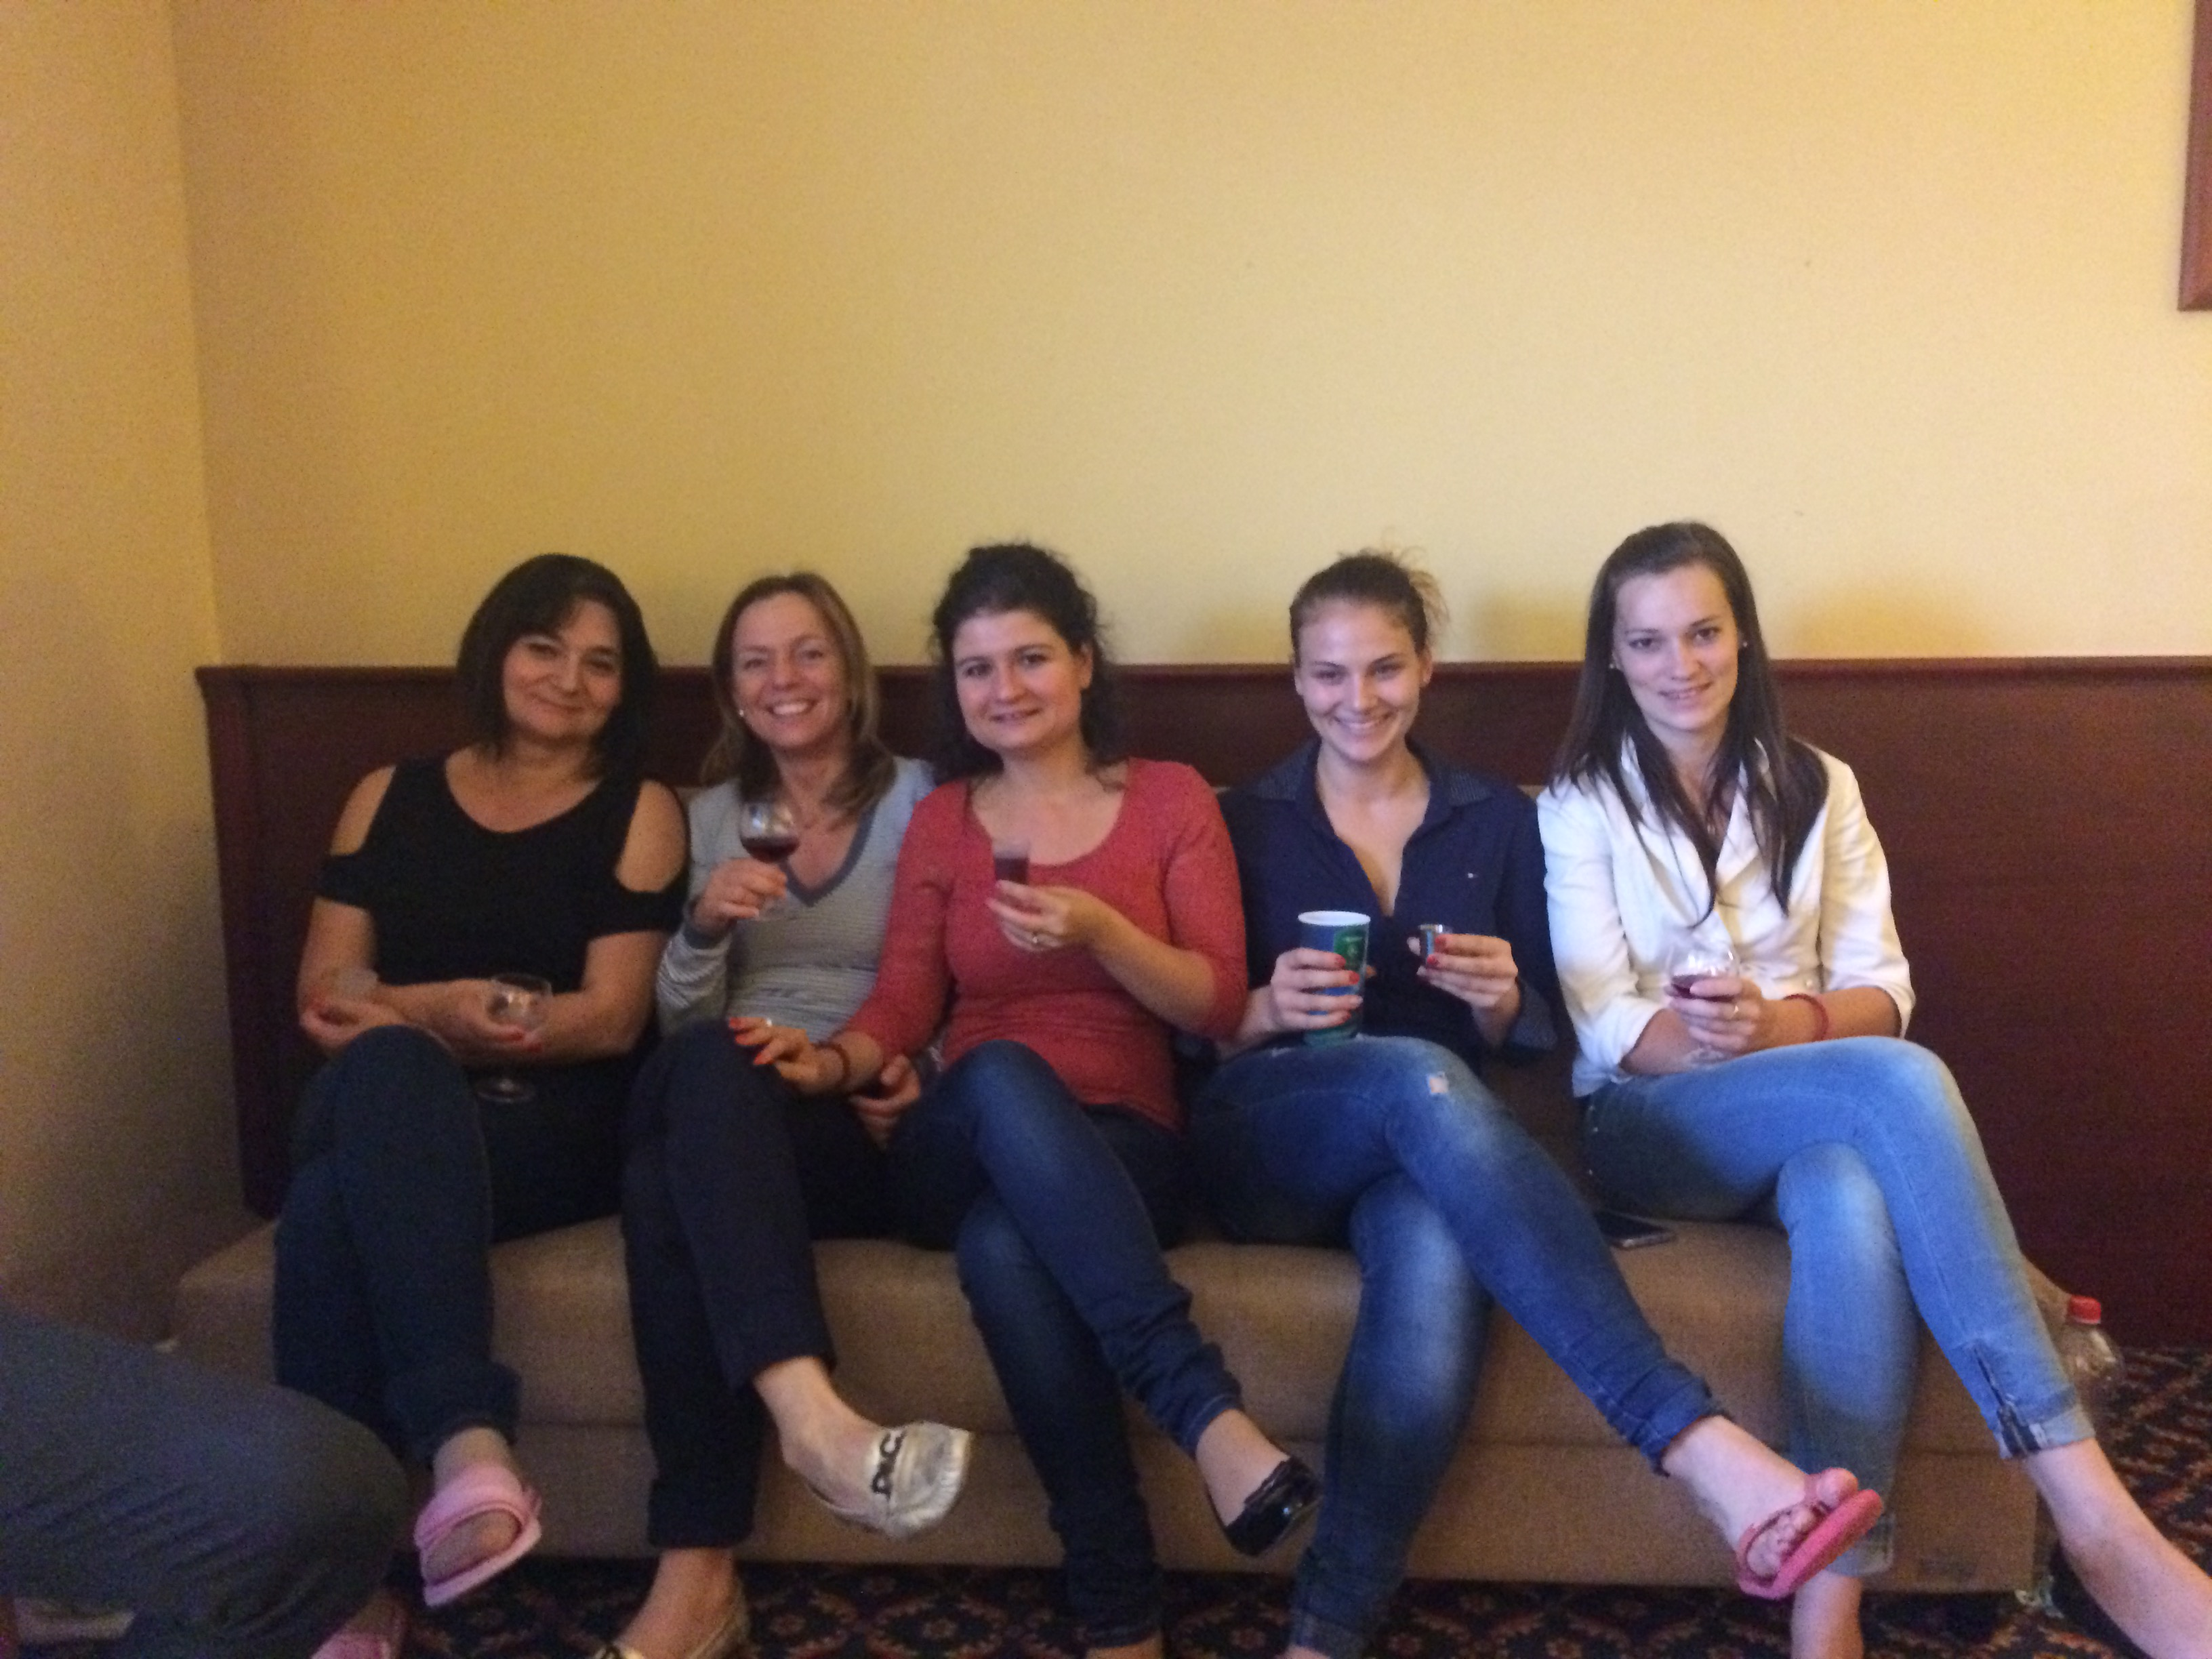 Egy csapatépítős pillanat: szívesen töltik együtt az időt az üzleti történéseken kívül is